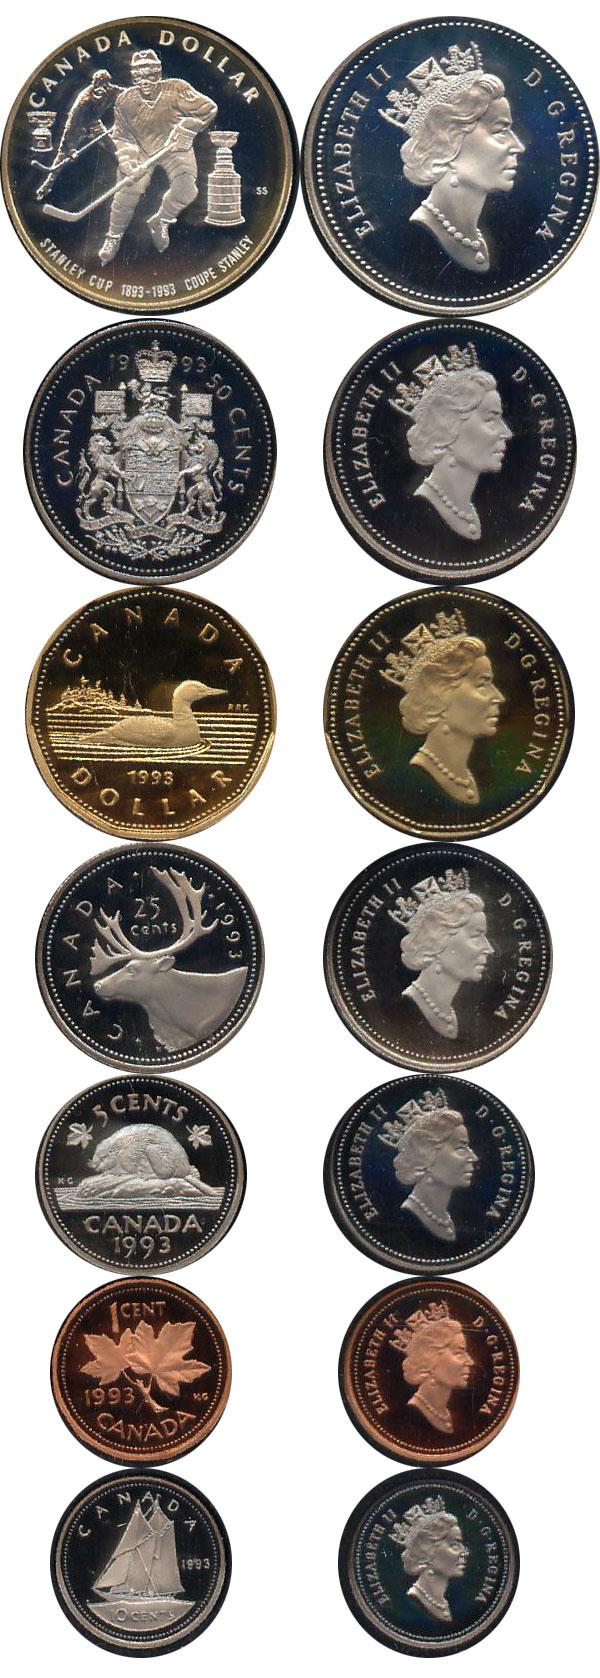 Картинка Подарочные монеты Канада Хоккей Серебро 1993